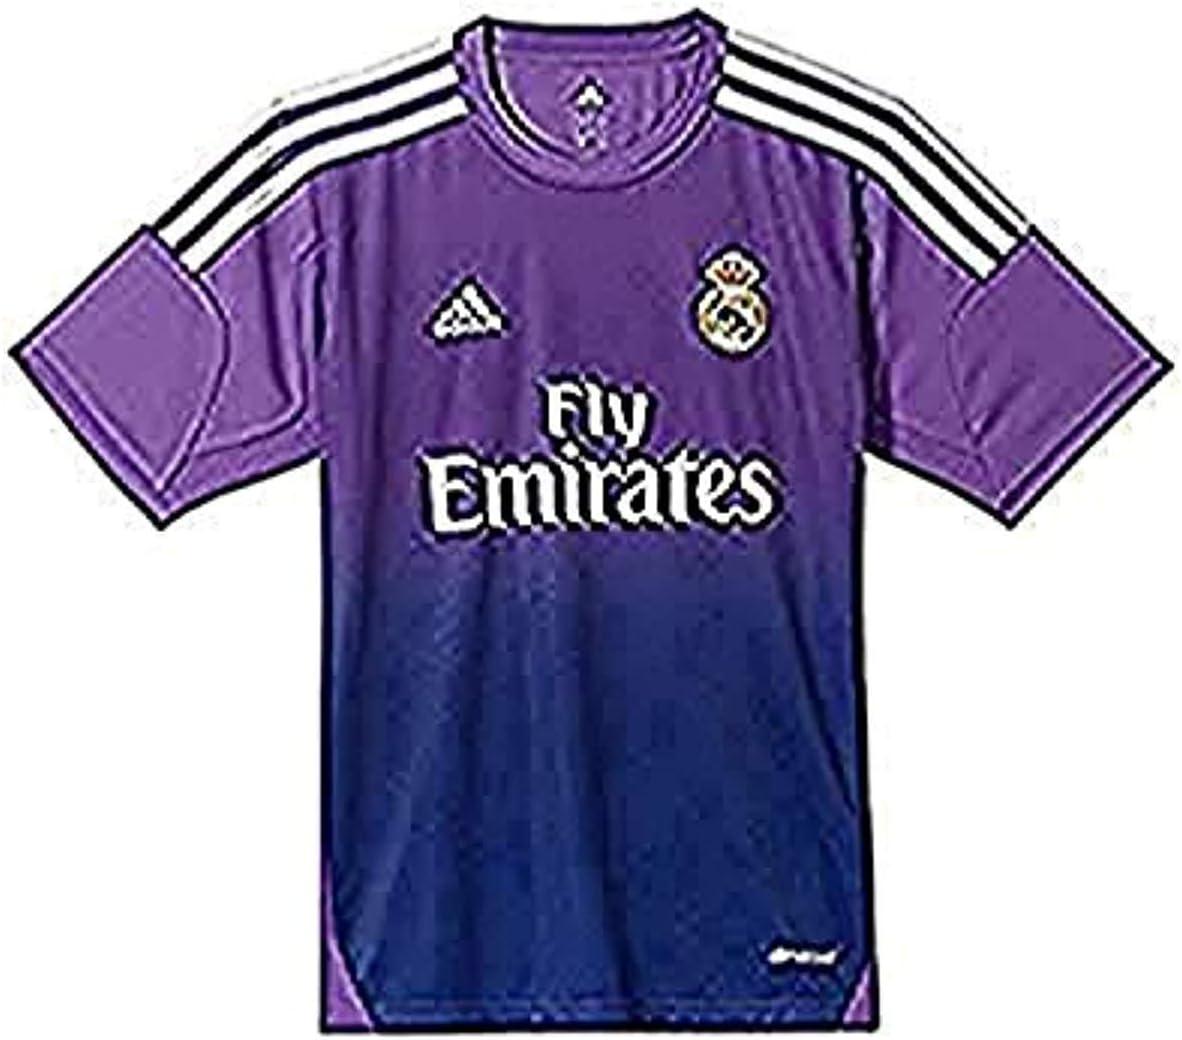 adidas Portero Real Madrid 13-14 Niño, Camiseta, Morada, Talla 164: Amazon.es: Deportes y aire libre